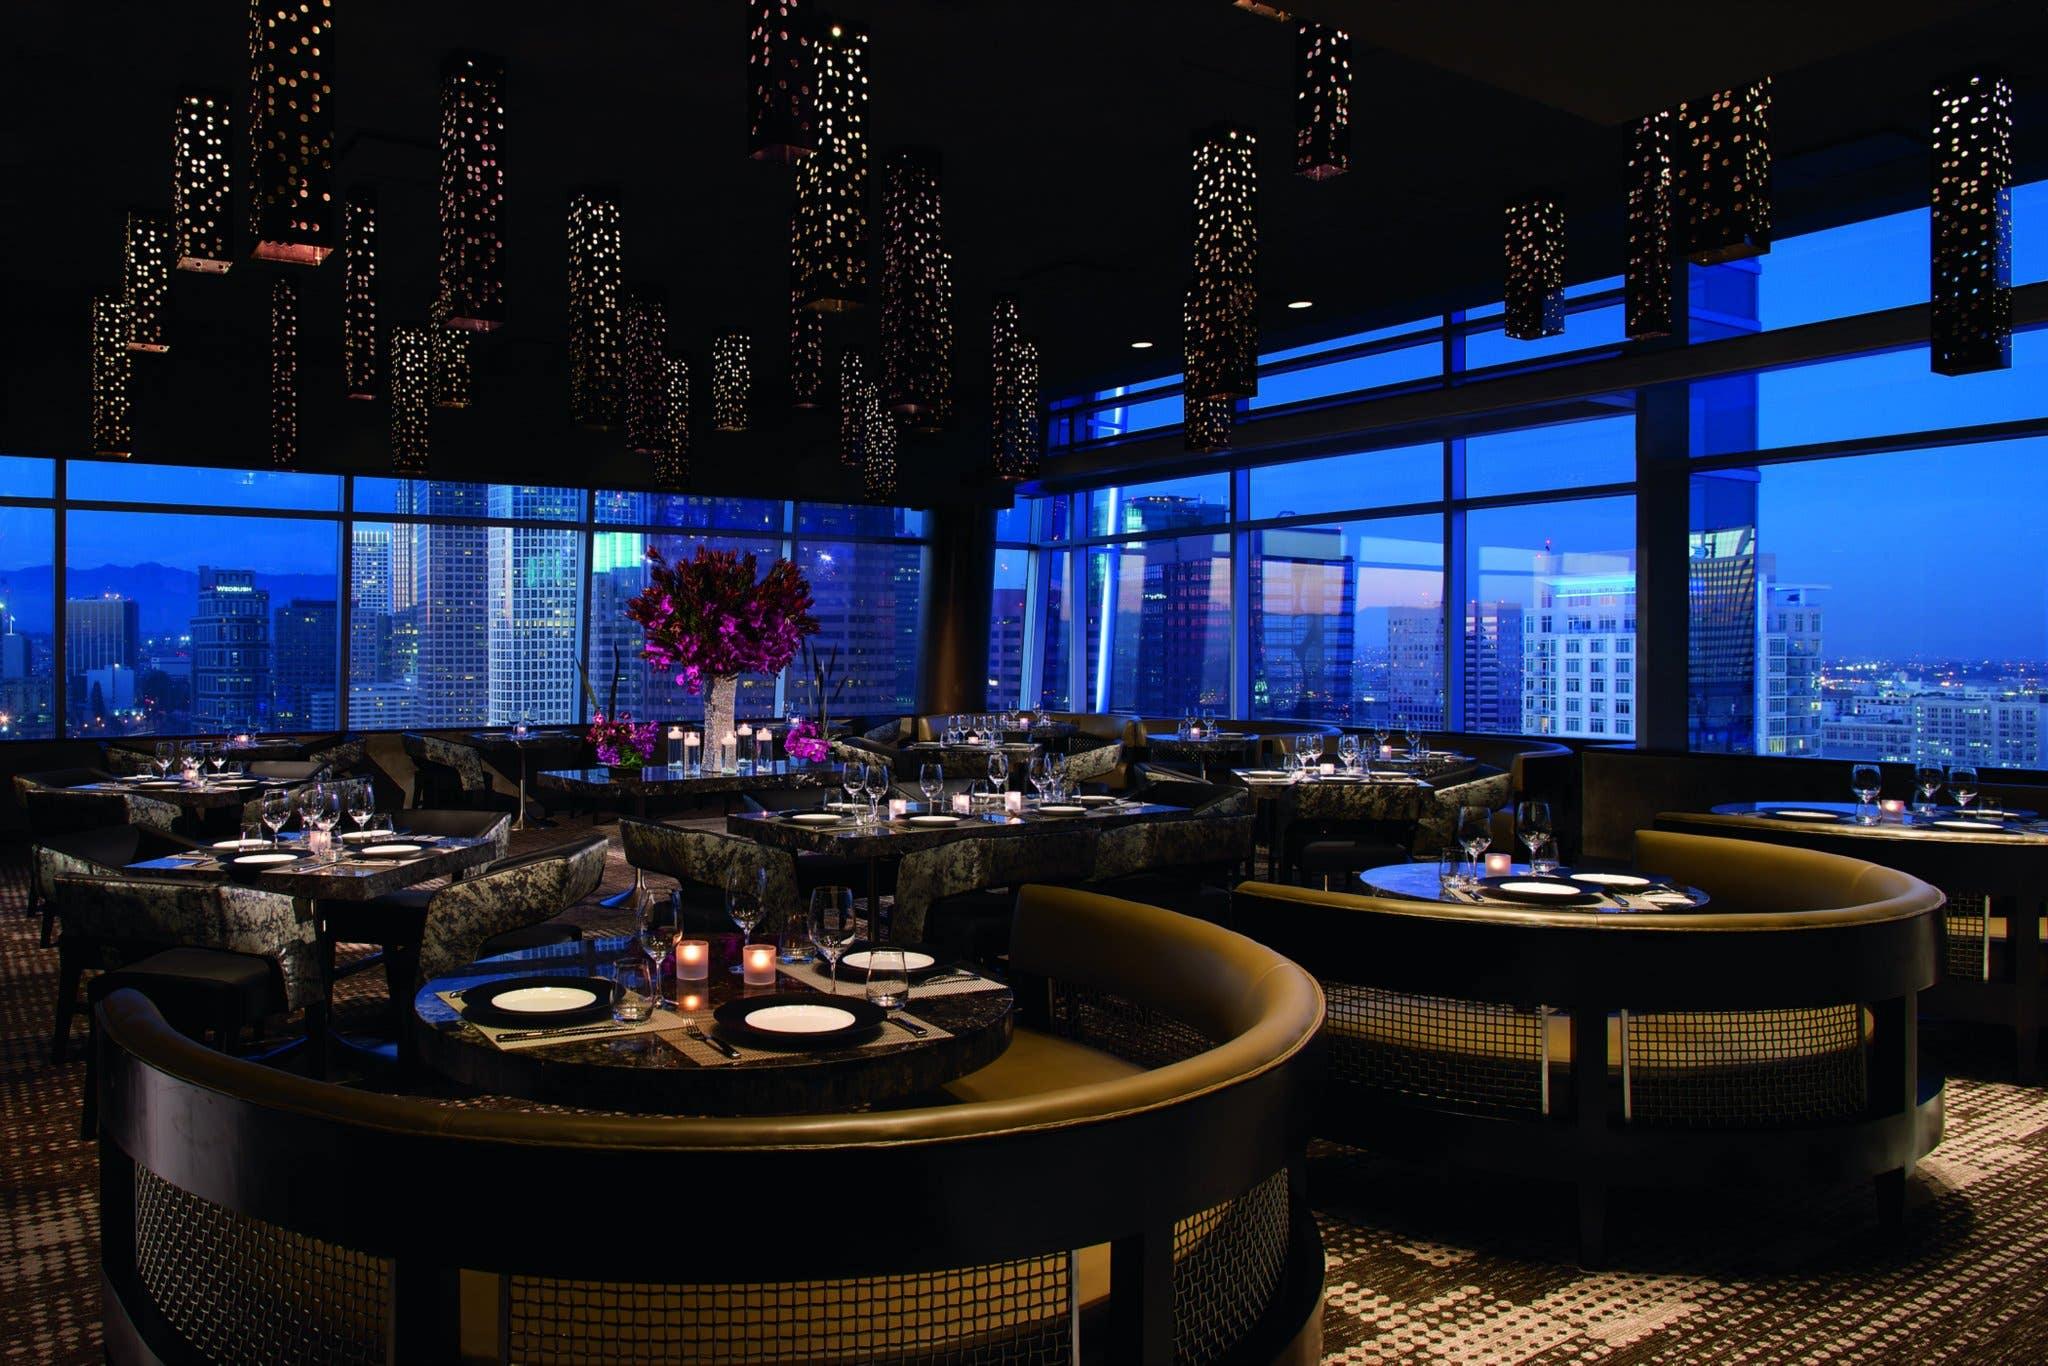 WP24 at The Ritz-Carlton, Los Angeles